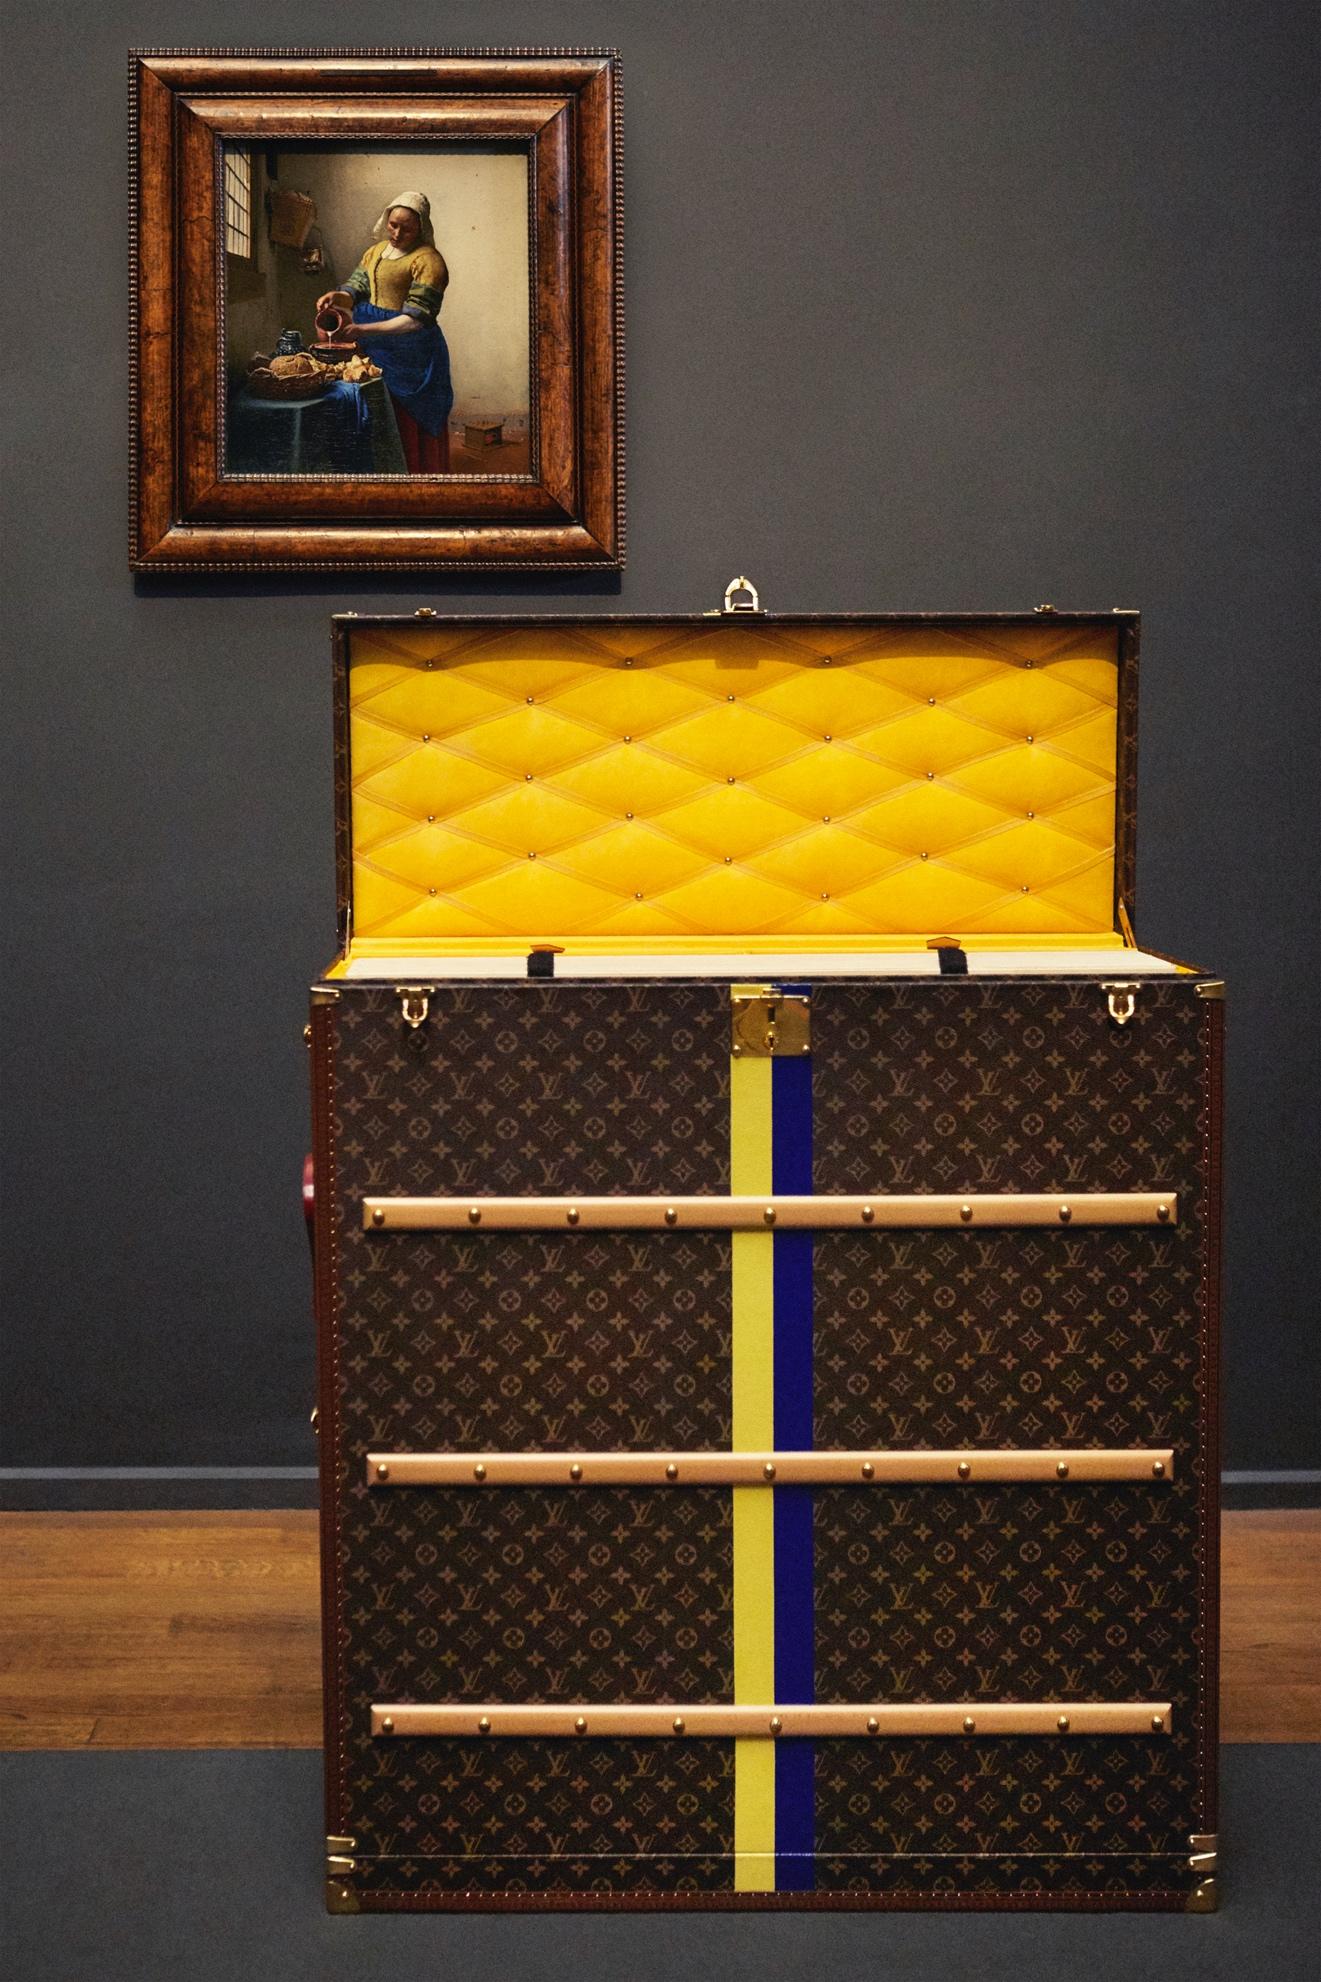 Ngày nay, nhà mốt không ngừng phát triển di sản, với những thiết kế mới ấn tượng và độc đáo. Rương có thể được sử dụng như món đồ nội thất, vật lưu giữ kỷ niệm hay món quà mang ý nghĩa kế thừa qua các thế hệ. Mỗi chiếc vali treo trong góc nhà, rương đựng mũ, chứa hoa hay trà... đều khác biệt và tinh xảo. Hình thức và chức năng của vali du lịch từ lâu đã vượt qua ý nghĩa của hòm đựng đồ đơn thuần và trở thành cơ hội để Louis Vuitton đối thoại với kiến trúc và không gian sống đương đại. Trong ảnh là chiếc rương được sản xuất để vận chuyển bức tranh Người hầu gái của Johannes Vermeer.